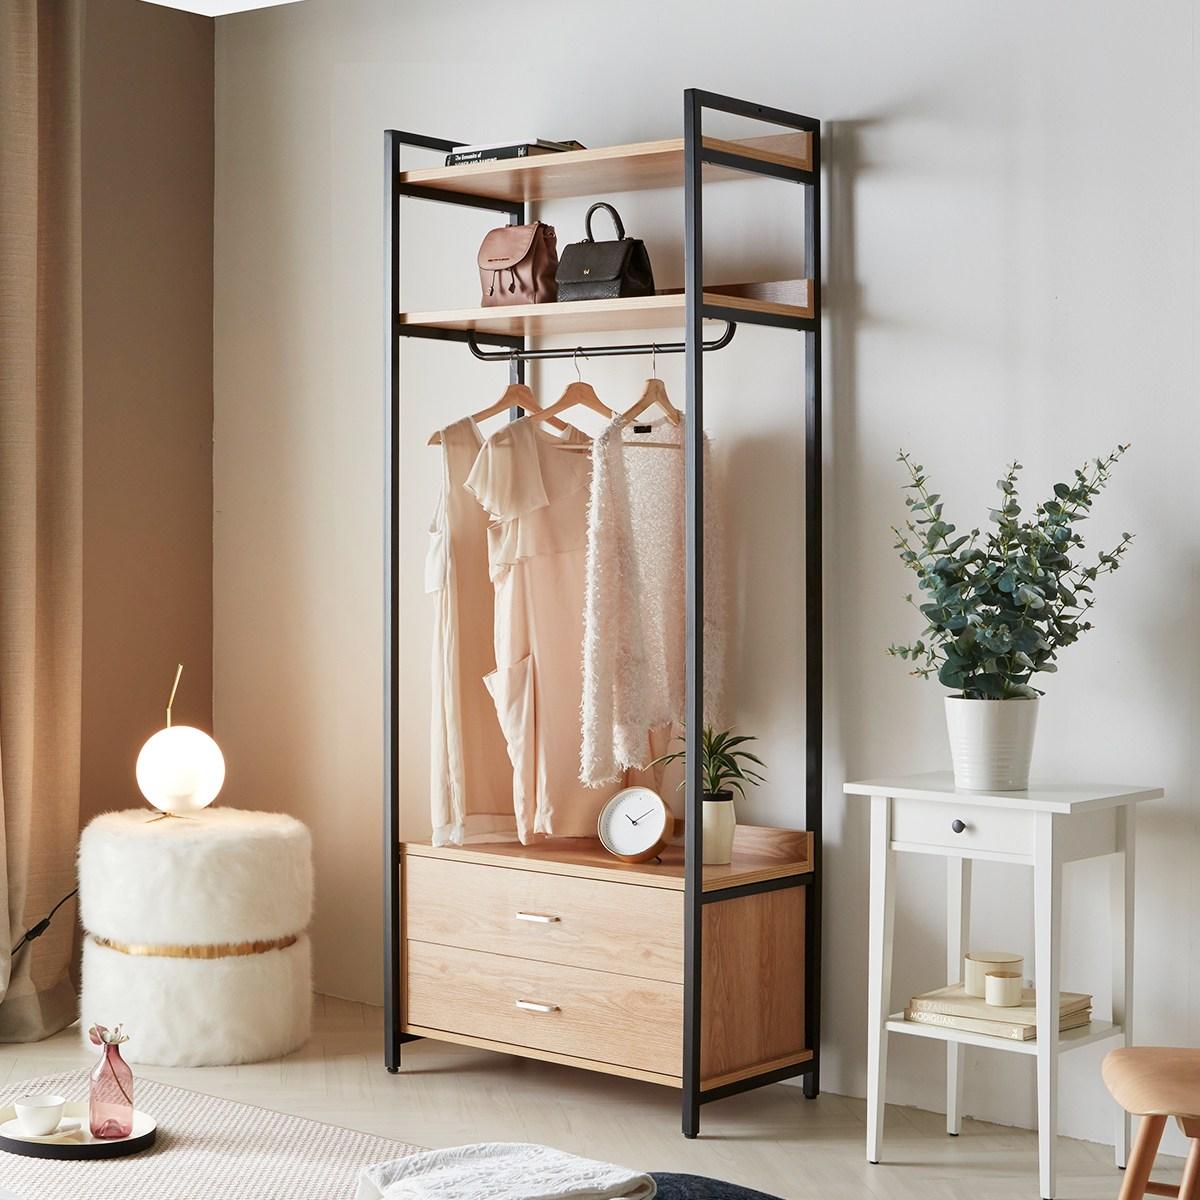 소티디자인 라움 스틸 2단 서랍형 행거 옷장 800 시스템옷장 드레스룸, 단일색상